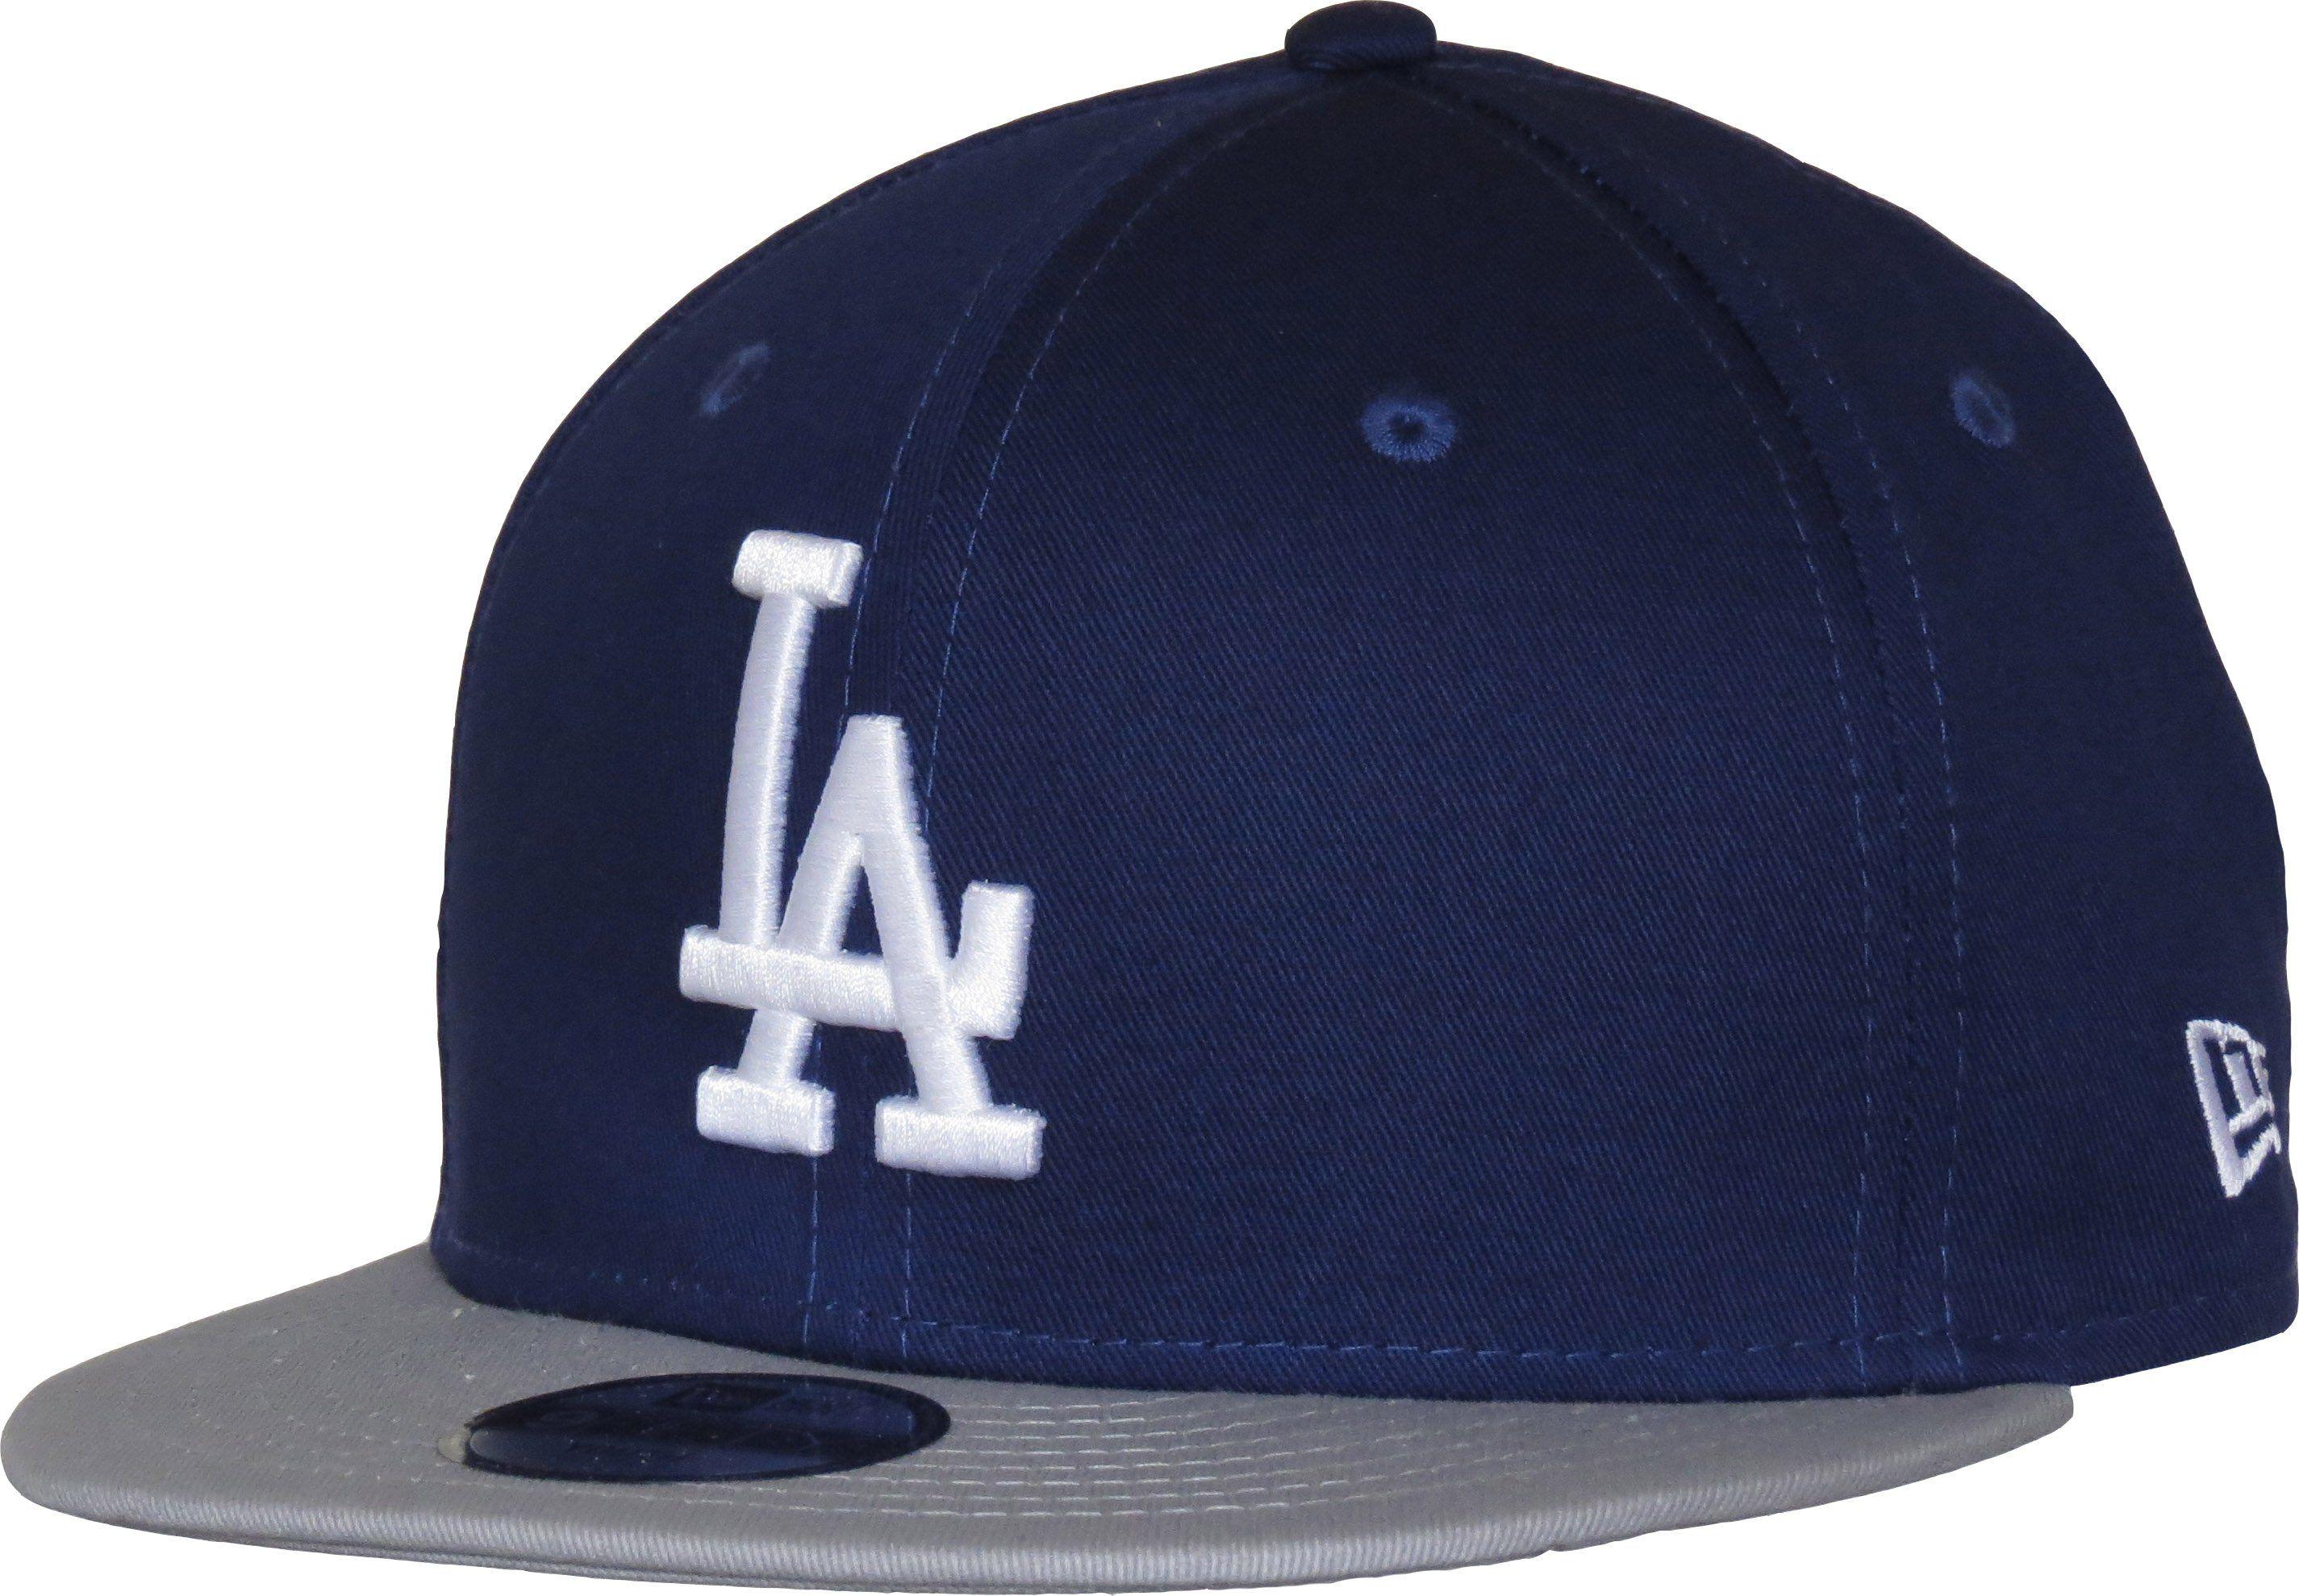 b54775e425a New Era 950 My 1st LA Dodgers Infant Snapback Cap ( 0 - 2 years old ...